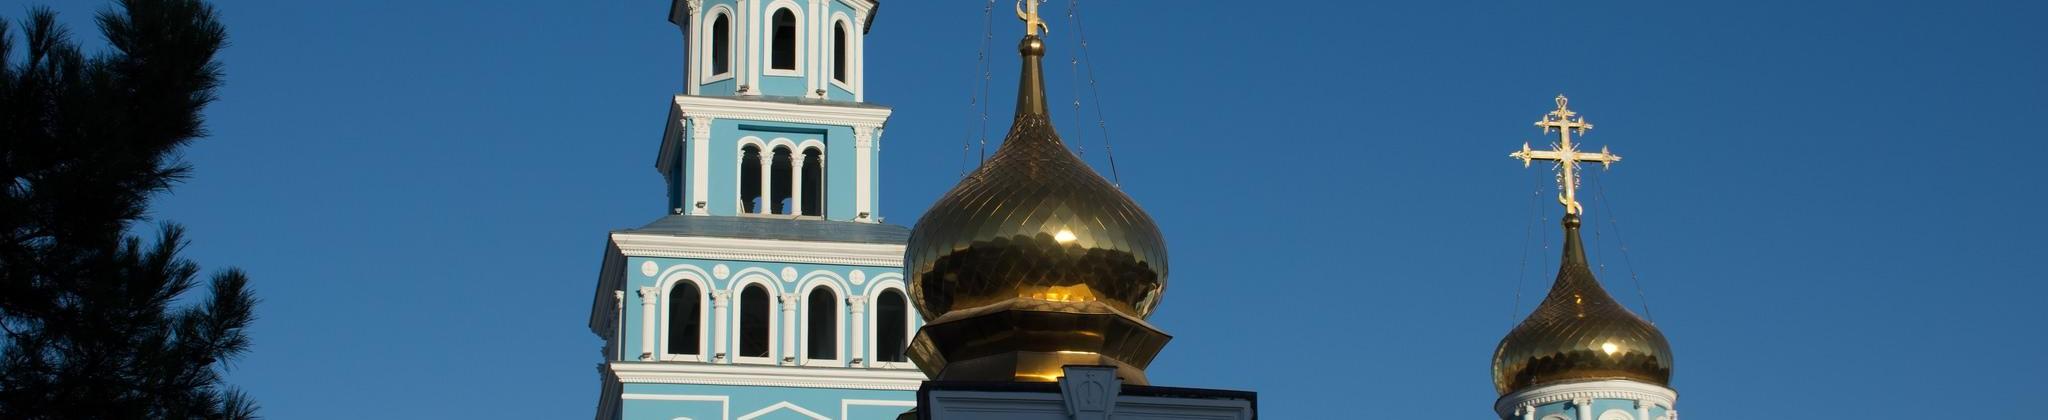 Cathedral of St. Alexander Nevsky - 1